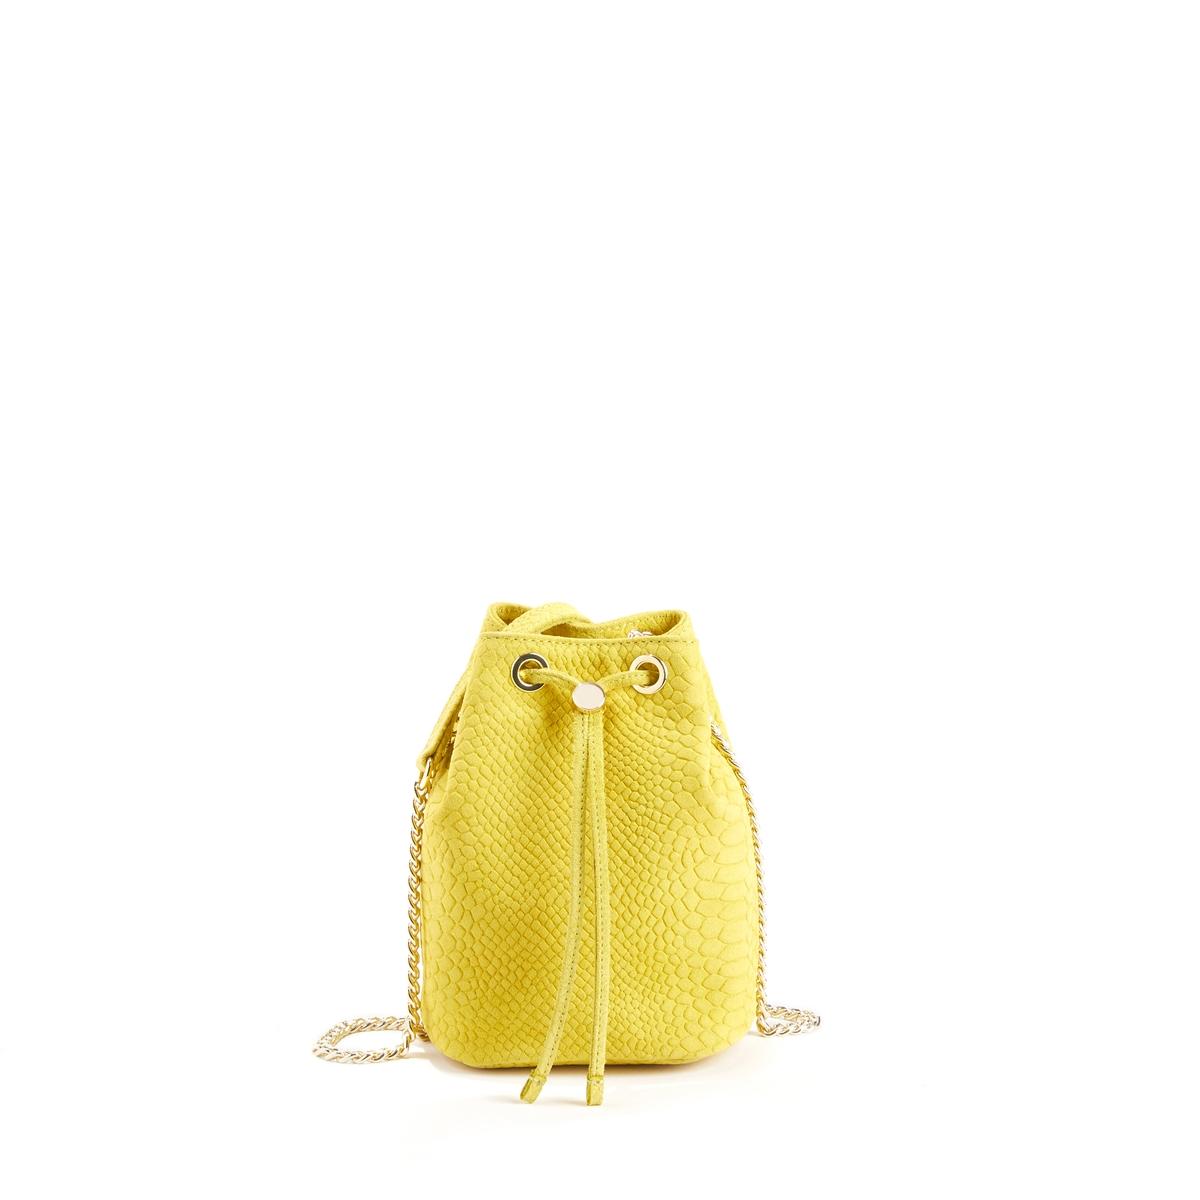 Сумка-мешок кожаная YUZUСумка-мешок PETITE MENDIGOTE - модель YUZU, в форме мешка из рельефной яловичной кожи под кожу крокодила, с золотистой цепью и кожаной планкой на ремешке.Детали  •  Застежка на кожаную тесьму, продетую в золотистые отверстия • Внутр.накладной карман •  Ремешок 100 см •  Размер : 18 x 14 x 10 смХарактеристикиСостав и описание •  100% яловичная рельефная кожа •  Следуйте советам по уходу, указанным на этикетке.<br><br>Цвет: желтый,зеленый,красный